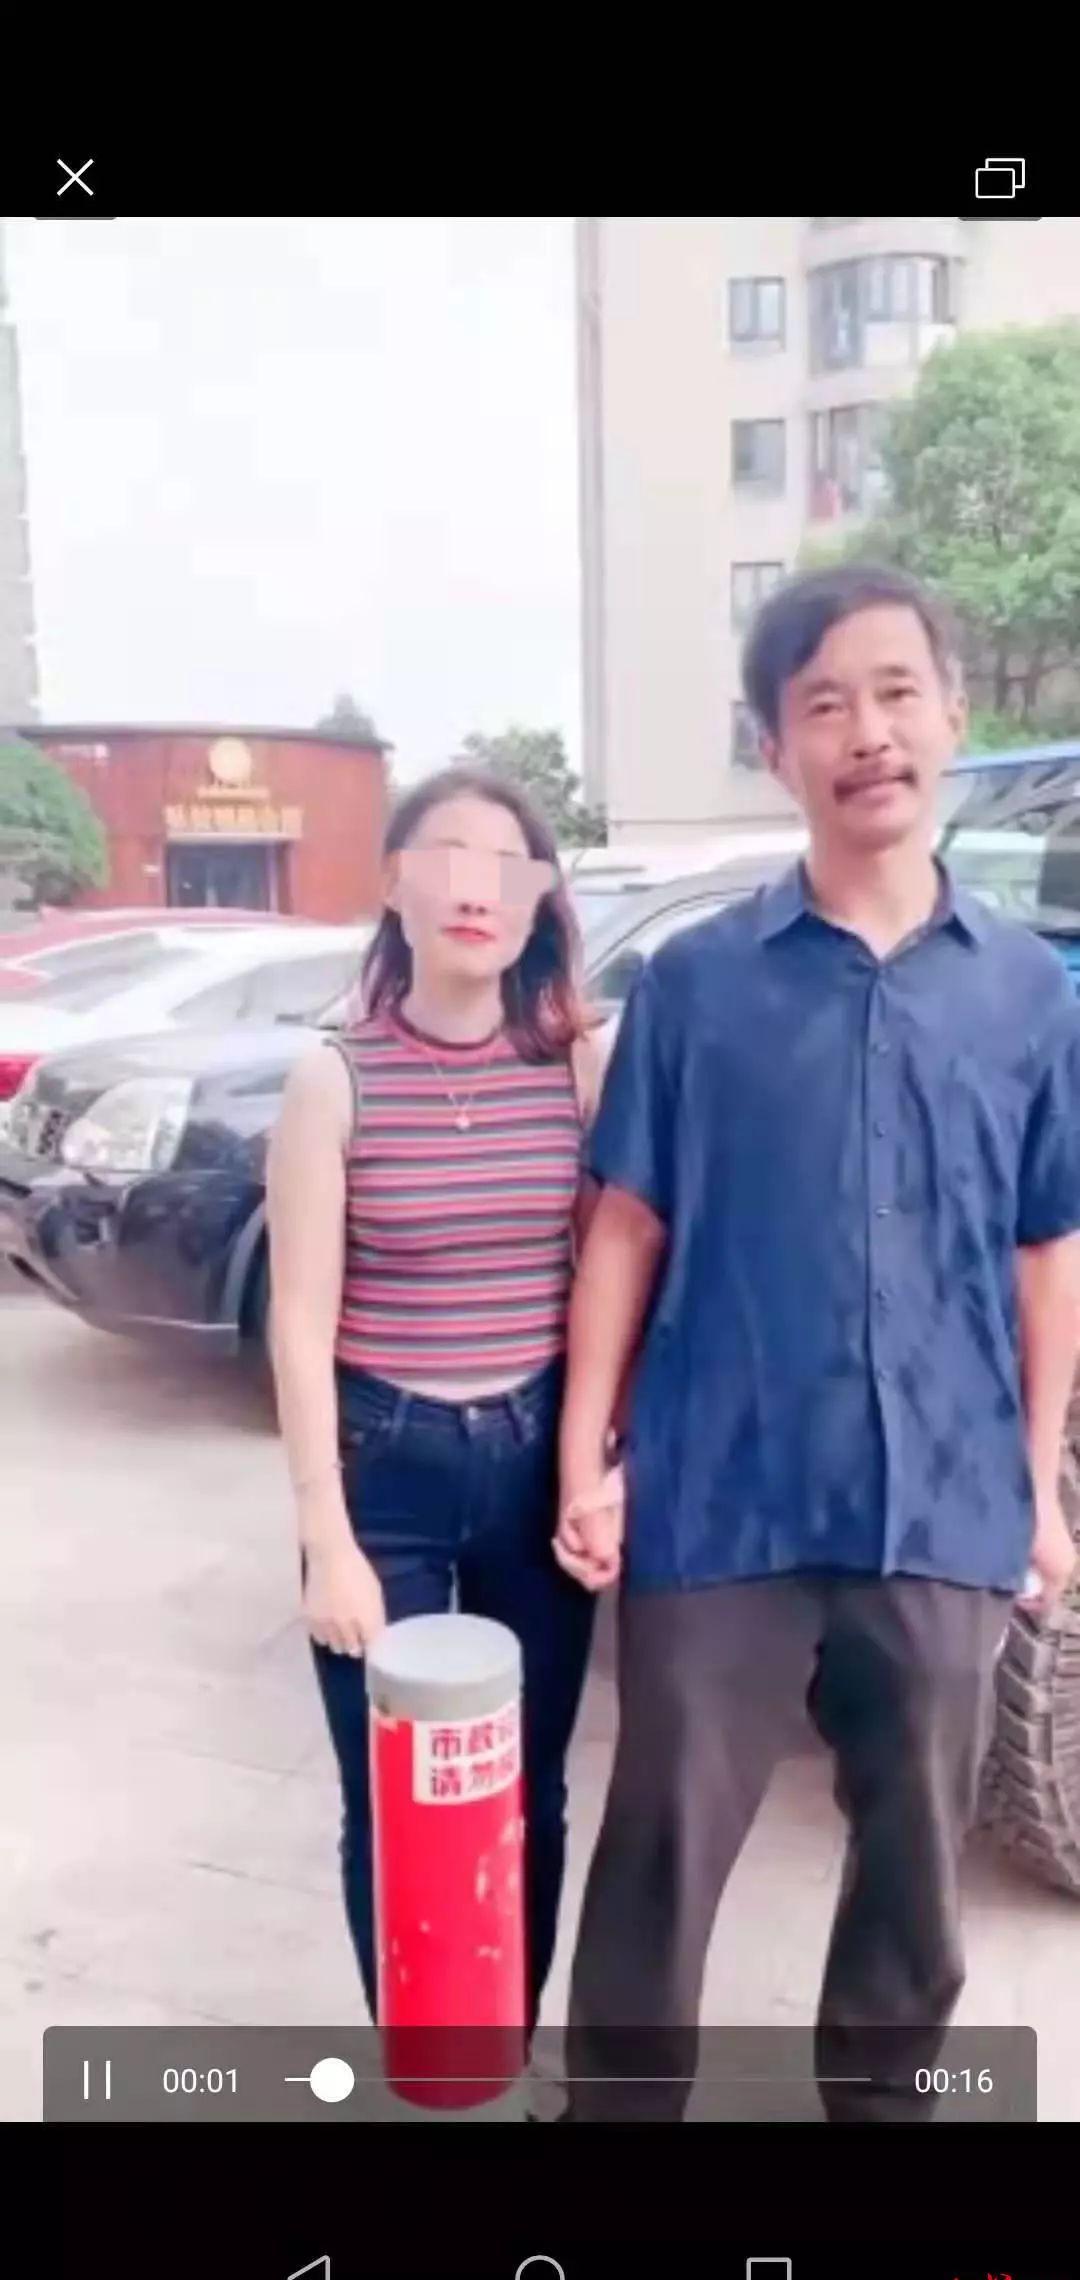 流浪大师沈巍回应结婚传言:30多年前心动过,之后静如处子